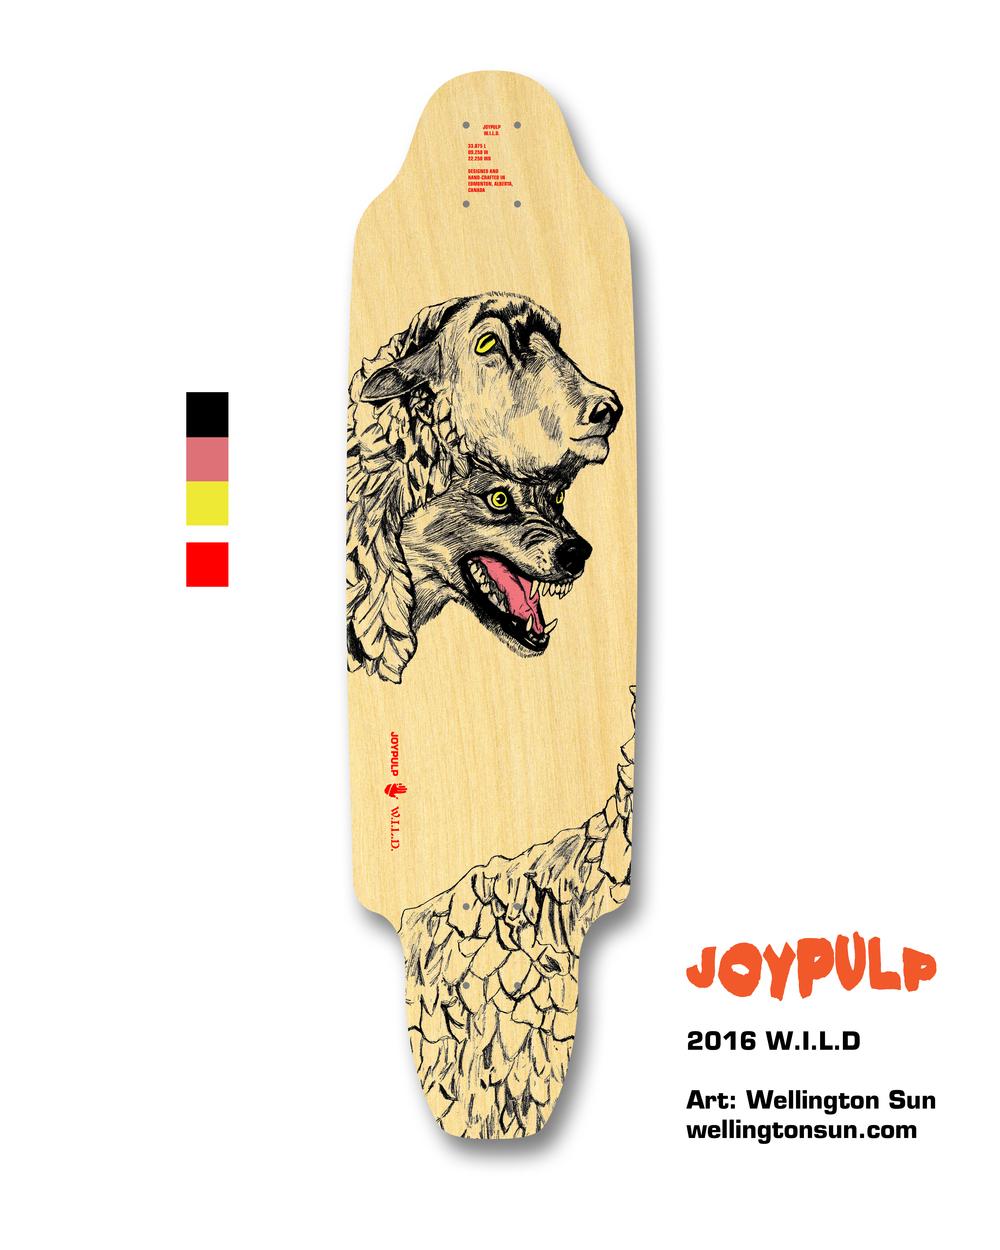 Joypulp-Wild-Single-Tail-2016.jpg